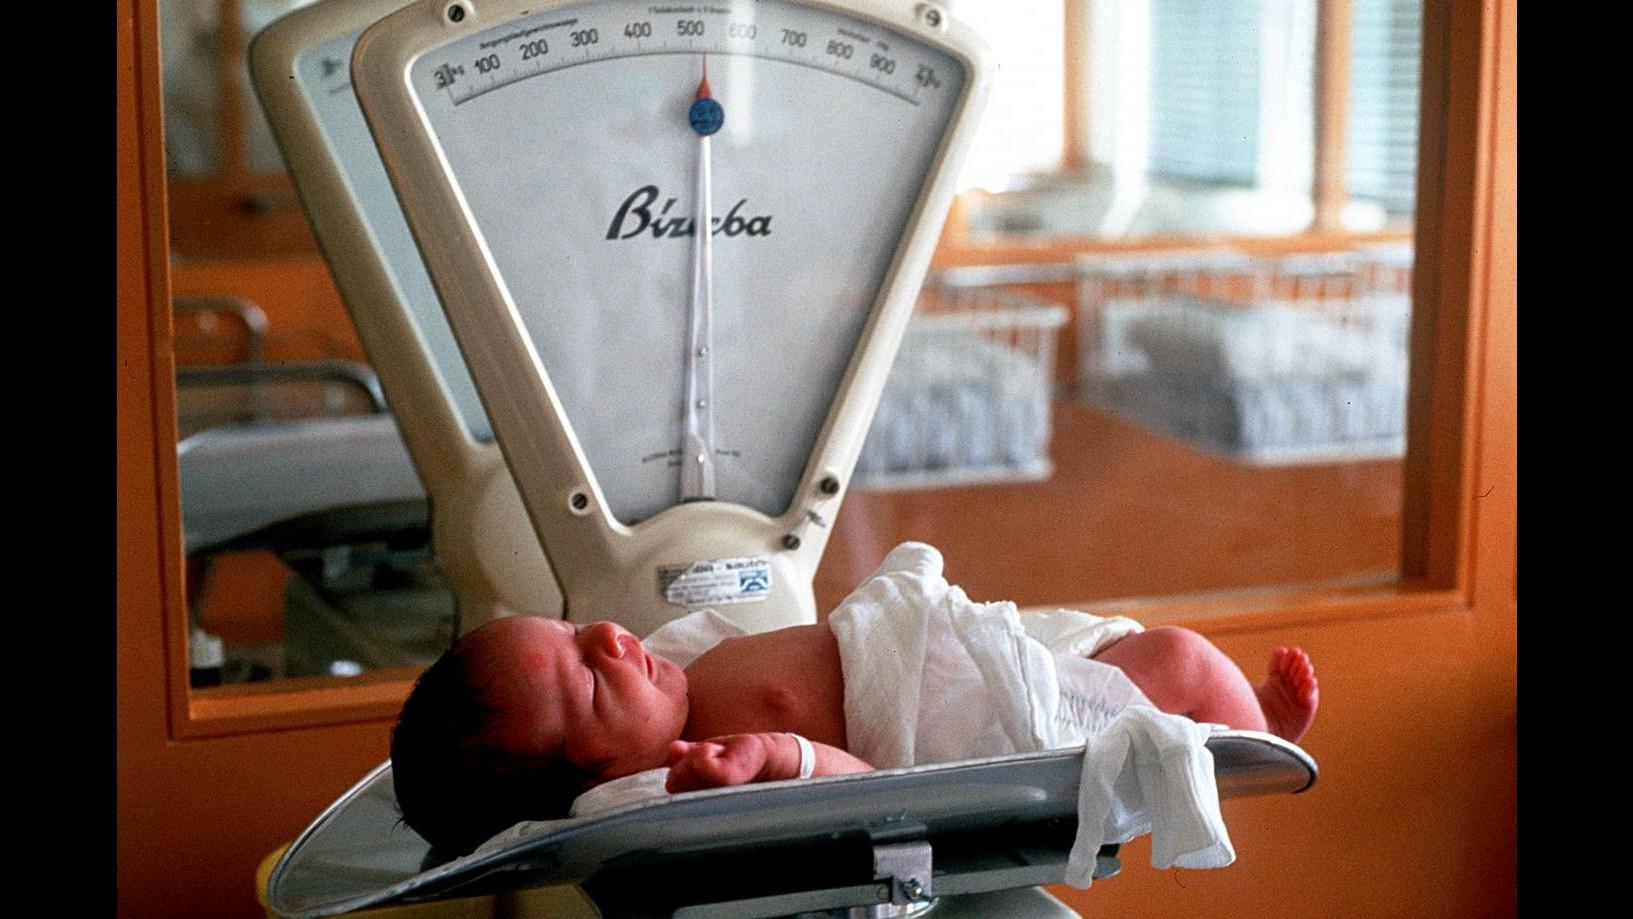 Tubercolosi a Roma, Regione Lazio: altri 8 neonati risultati positivi